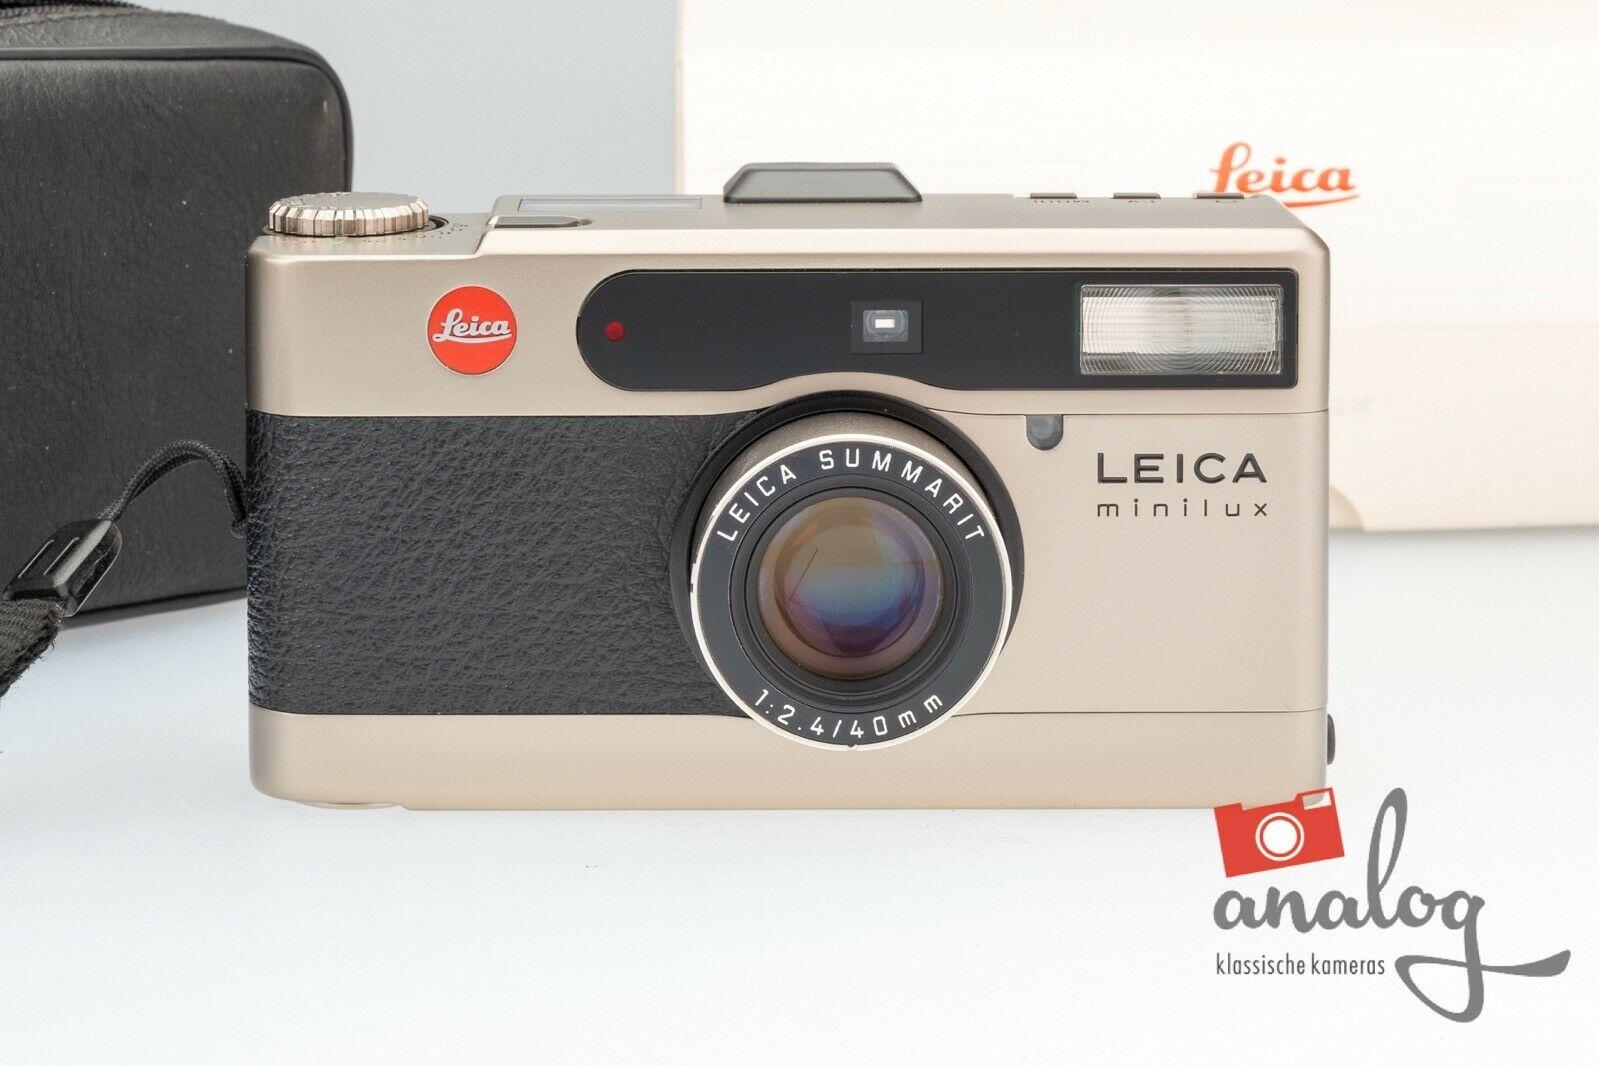 Leica Minilux | Kameraankauf